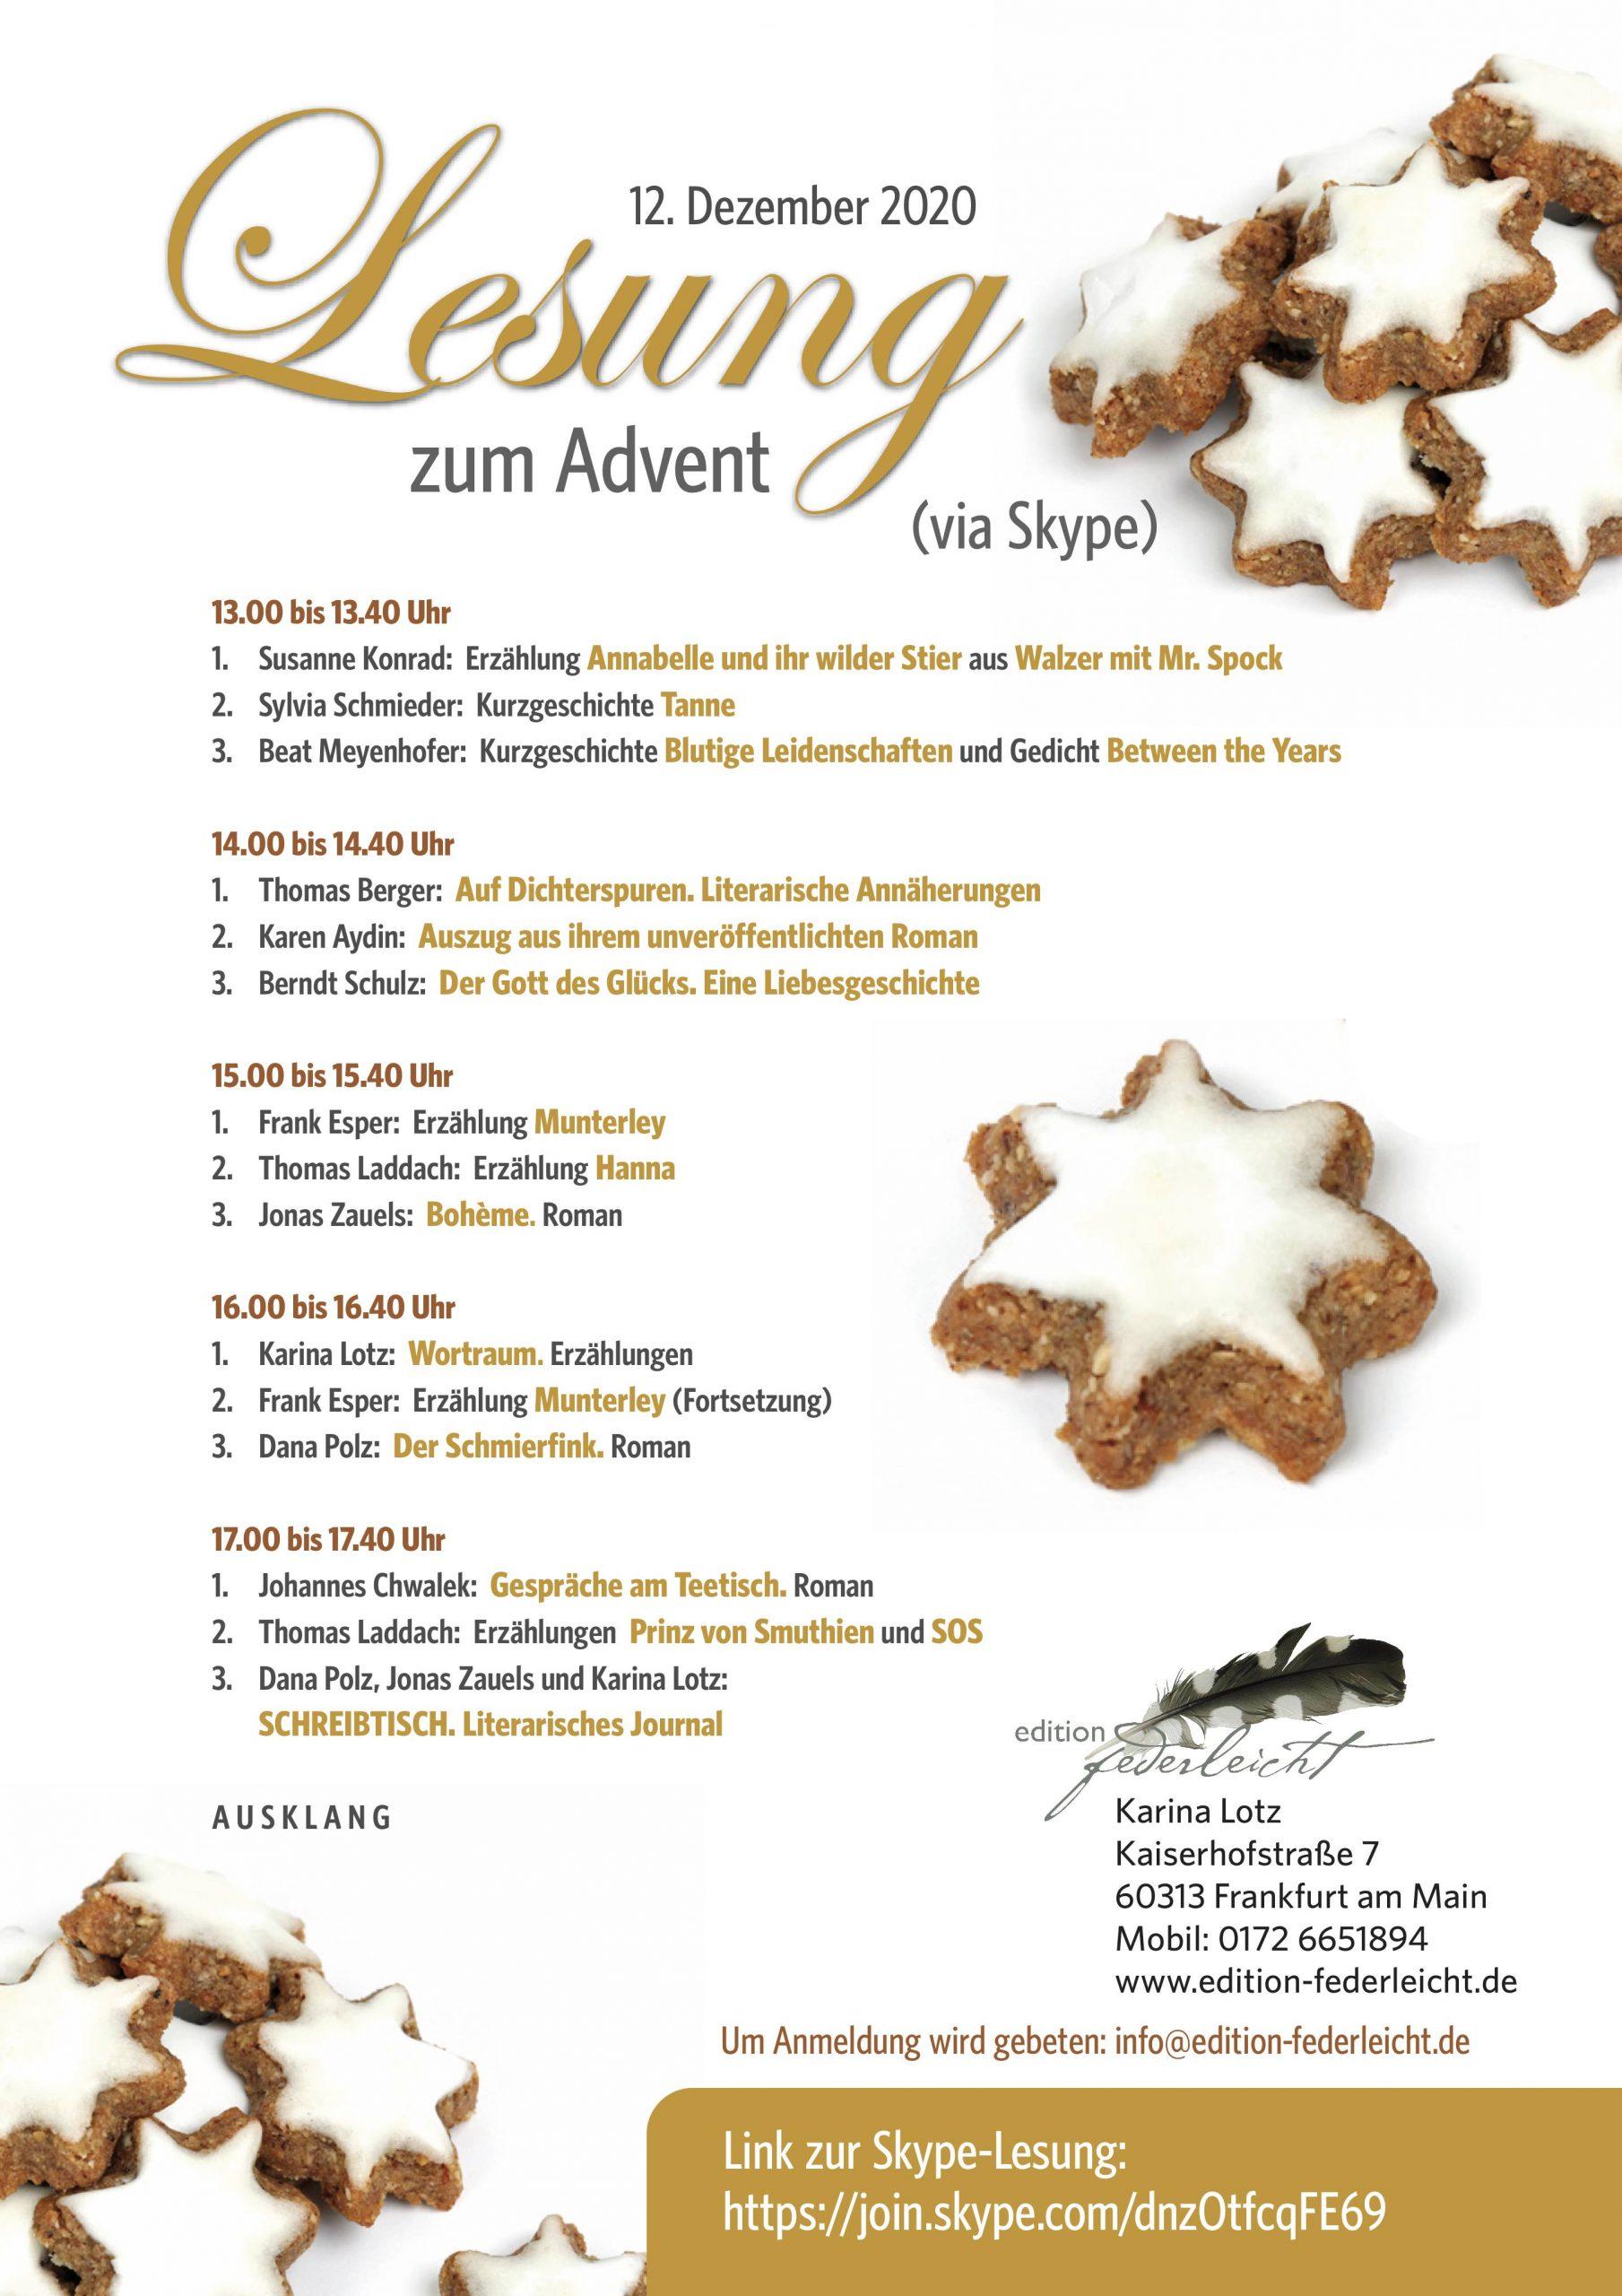 Lesung zum Advent - Zwölf Autorinnen und Autoren lesen Veröffentlichtes und Unveröffentlichtes - DIGTIAL